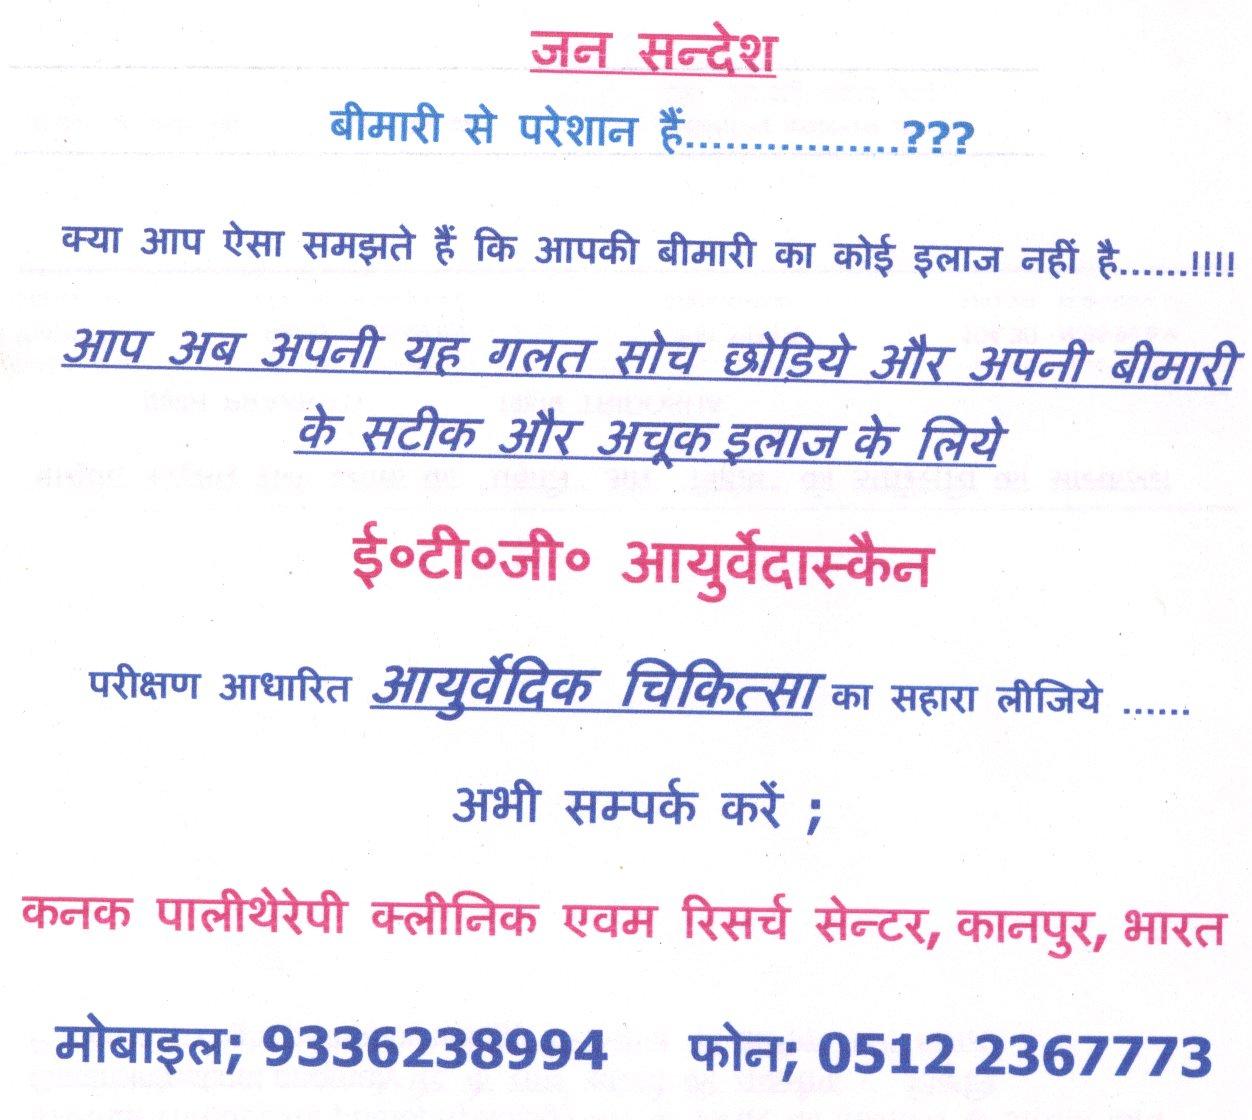 25 5 2012 mera naam jyoti hai mera chhota bhai dasvi main padhta